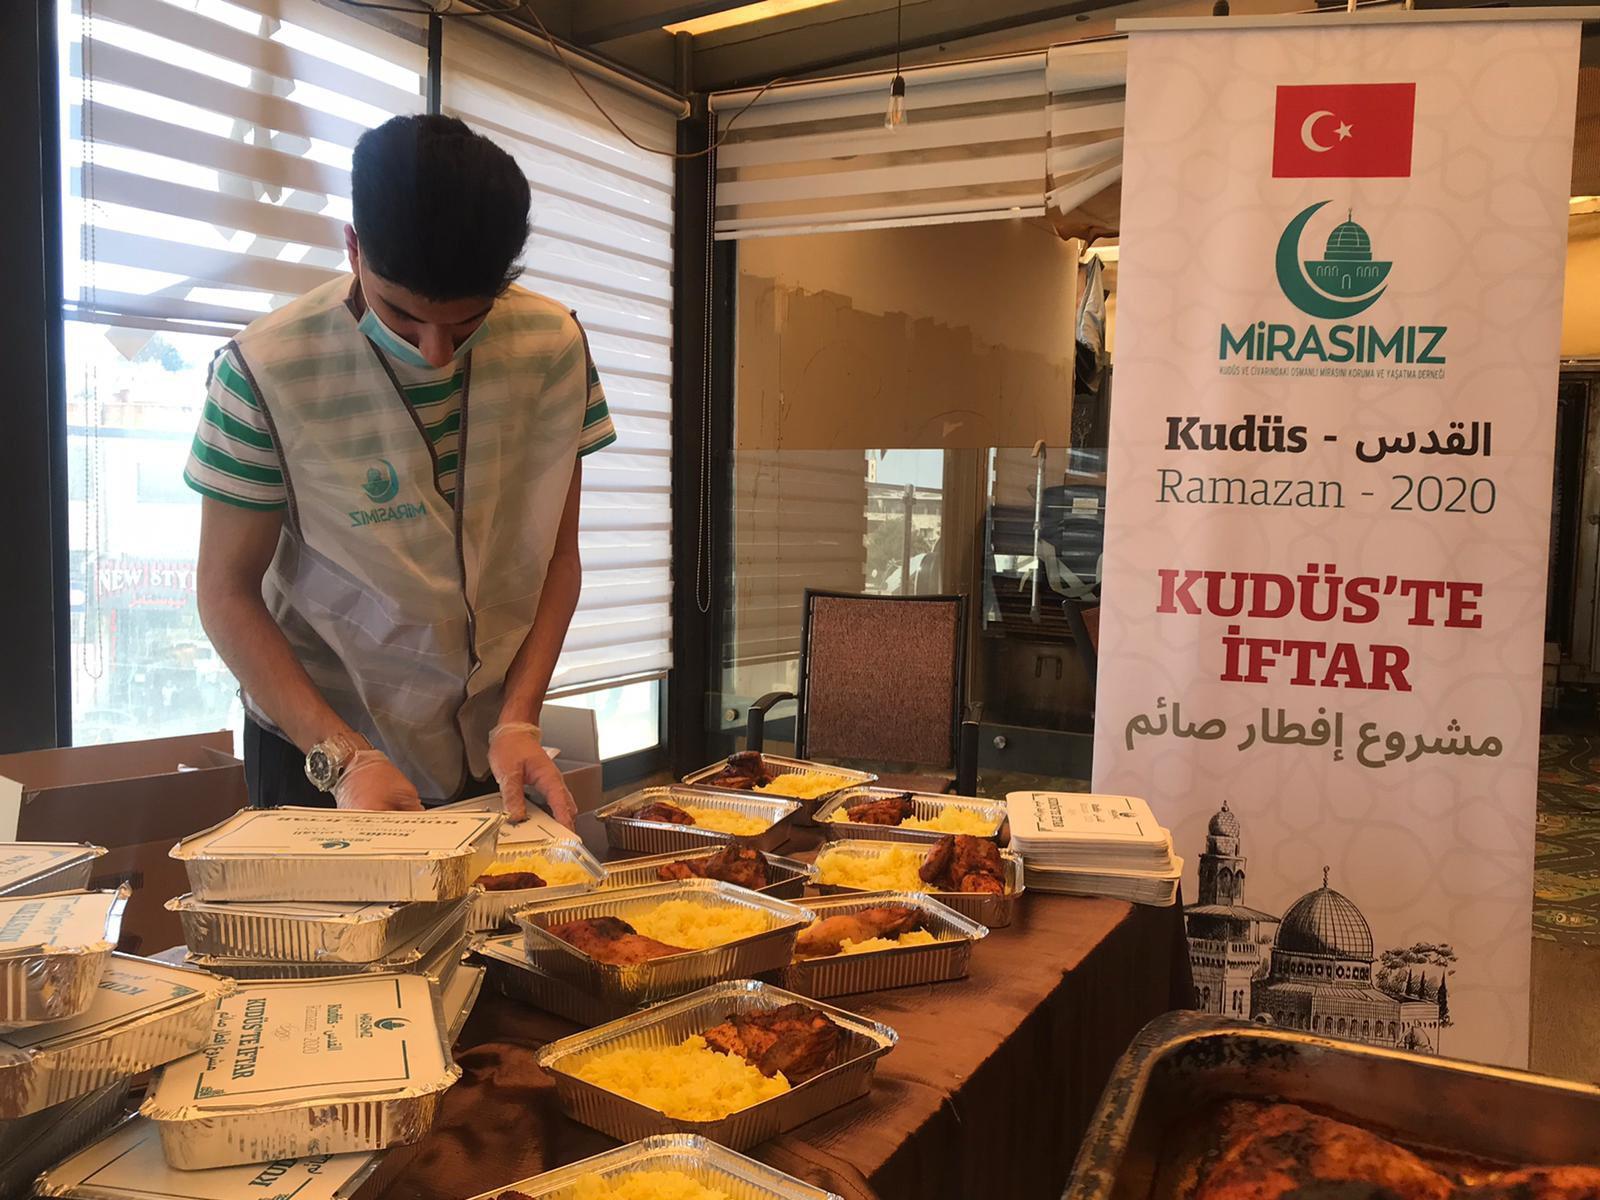 Kudüslüler, Ramazan ayında Türkiye'den giden yardımlarla nefes aldı